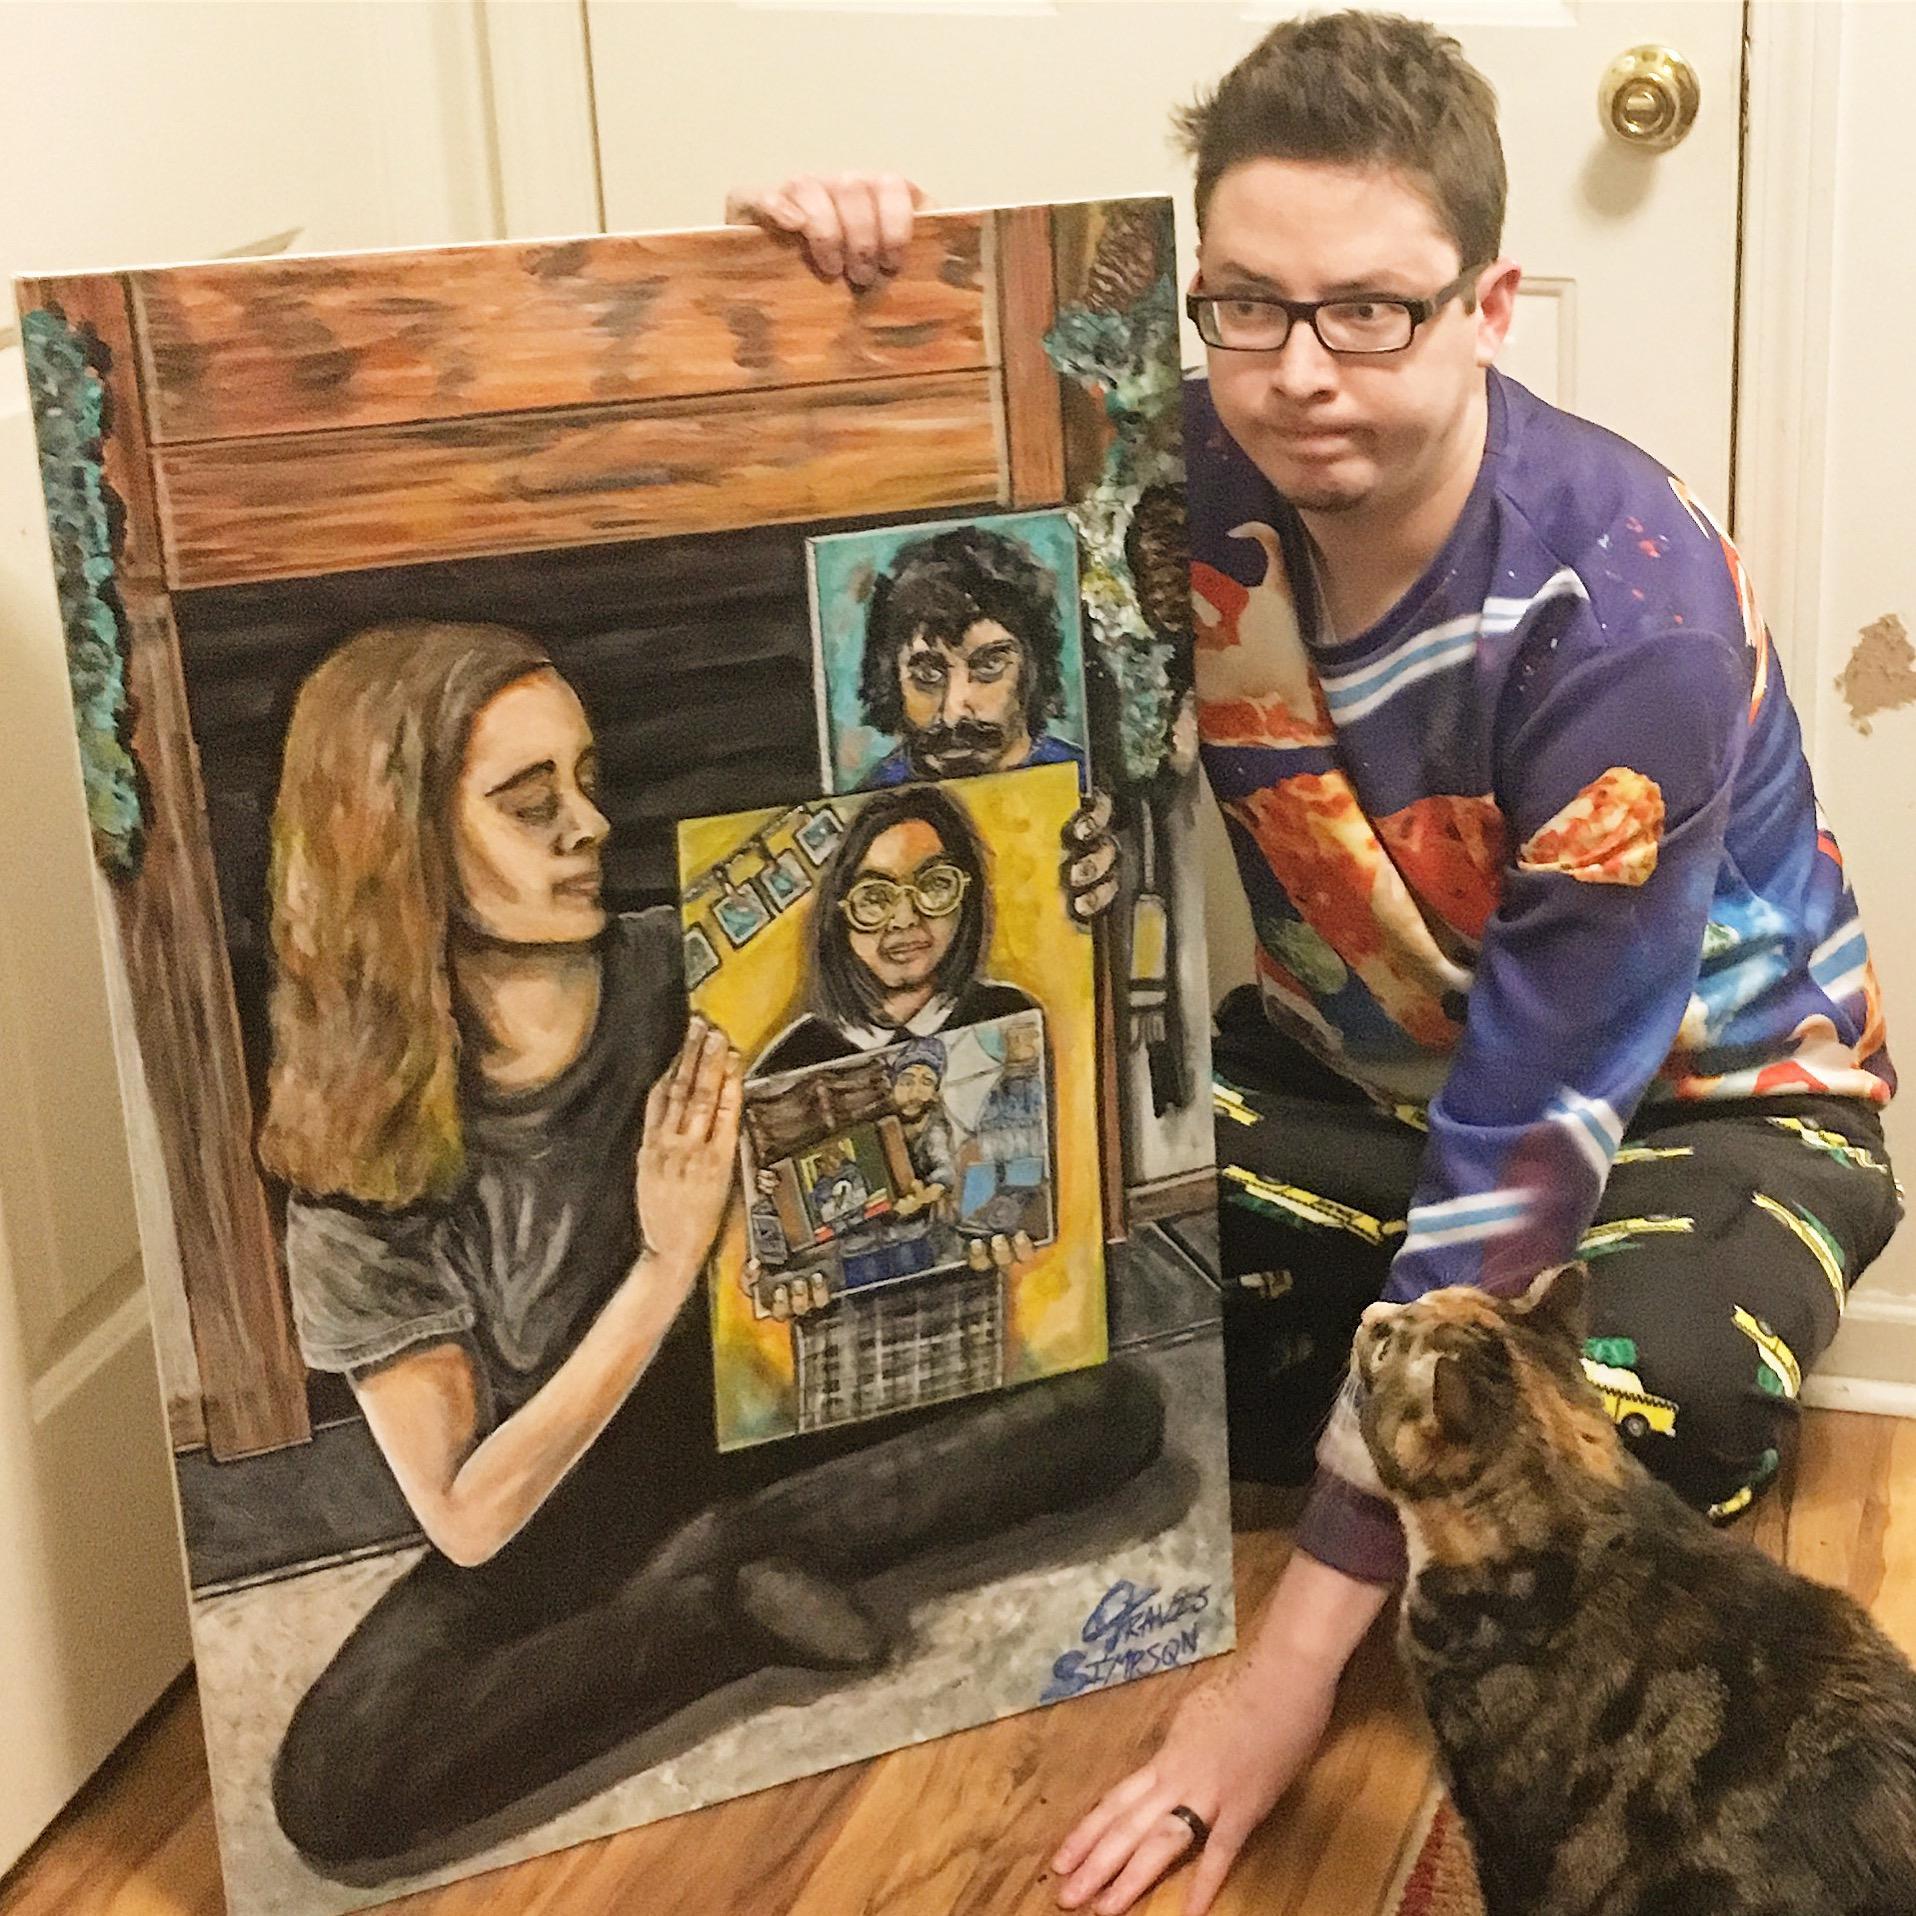 Segíteni akart a mamájának önbizalmat gyűjteni, de egy soha véget nem érő festészeti mémszörnyeteget indított el